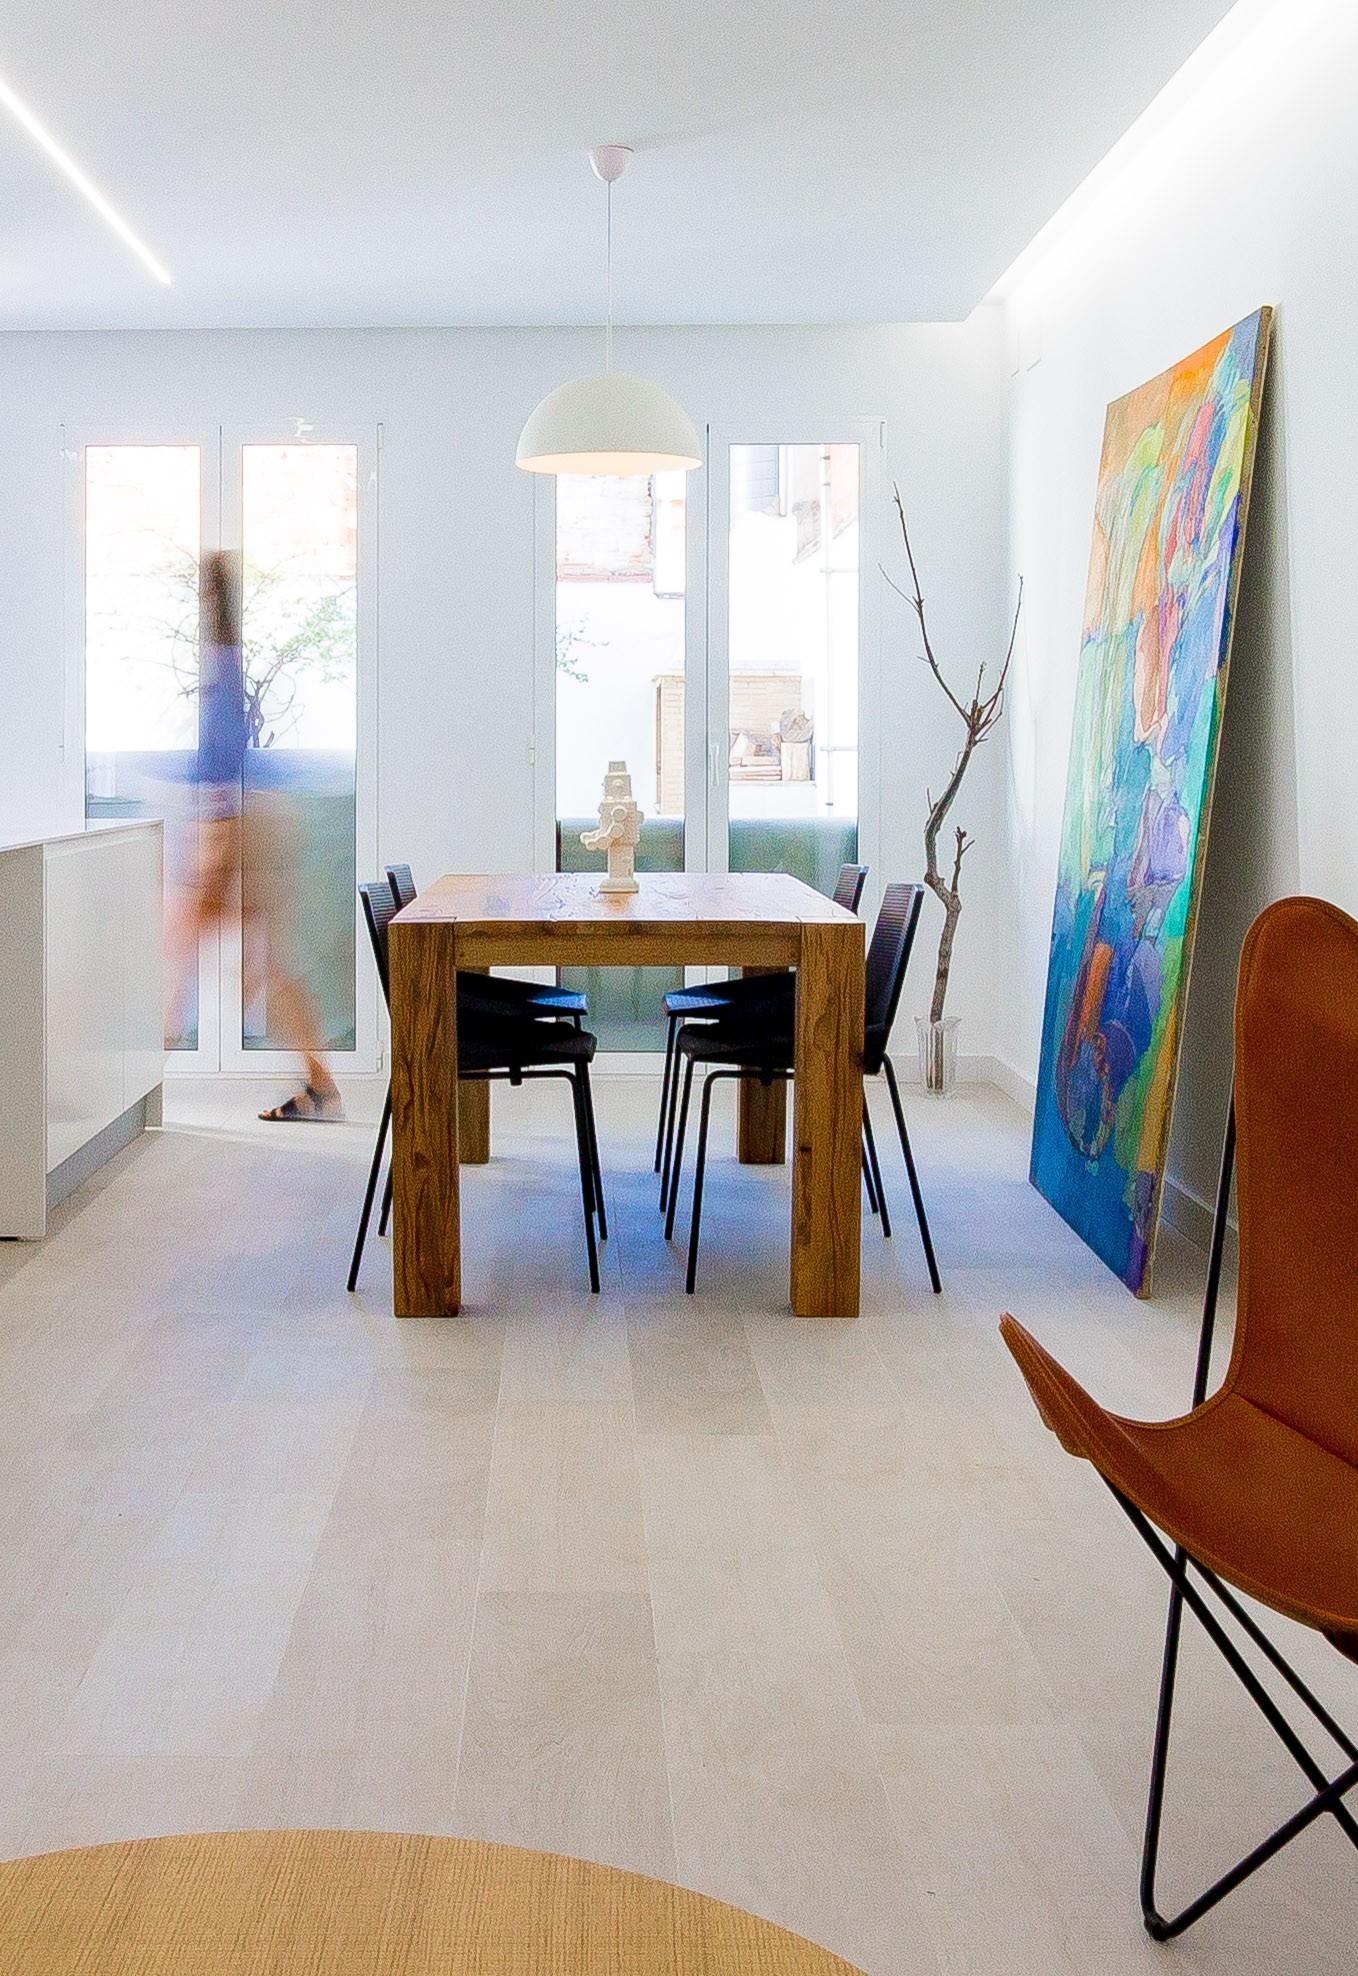 Comedor minimalista en reforma de vivienda. Chiralt Arquitectos Valencia.